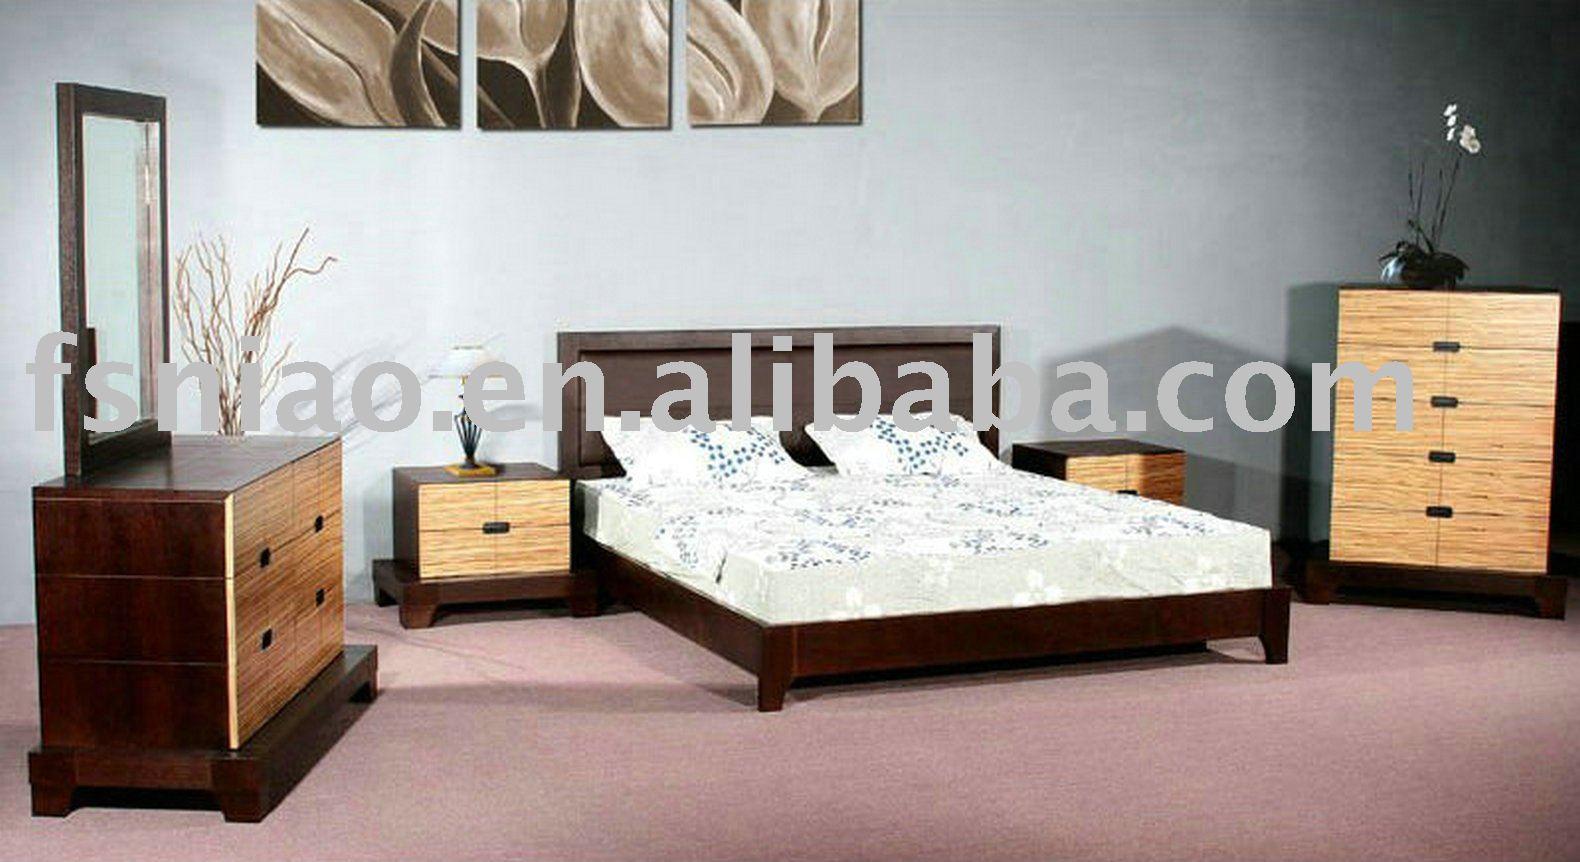 Ensemble de chambre coucher moderne a9102 ak lots de for Chambre a coucher moderne 2010